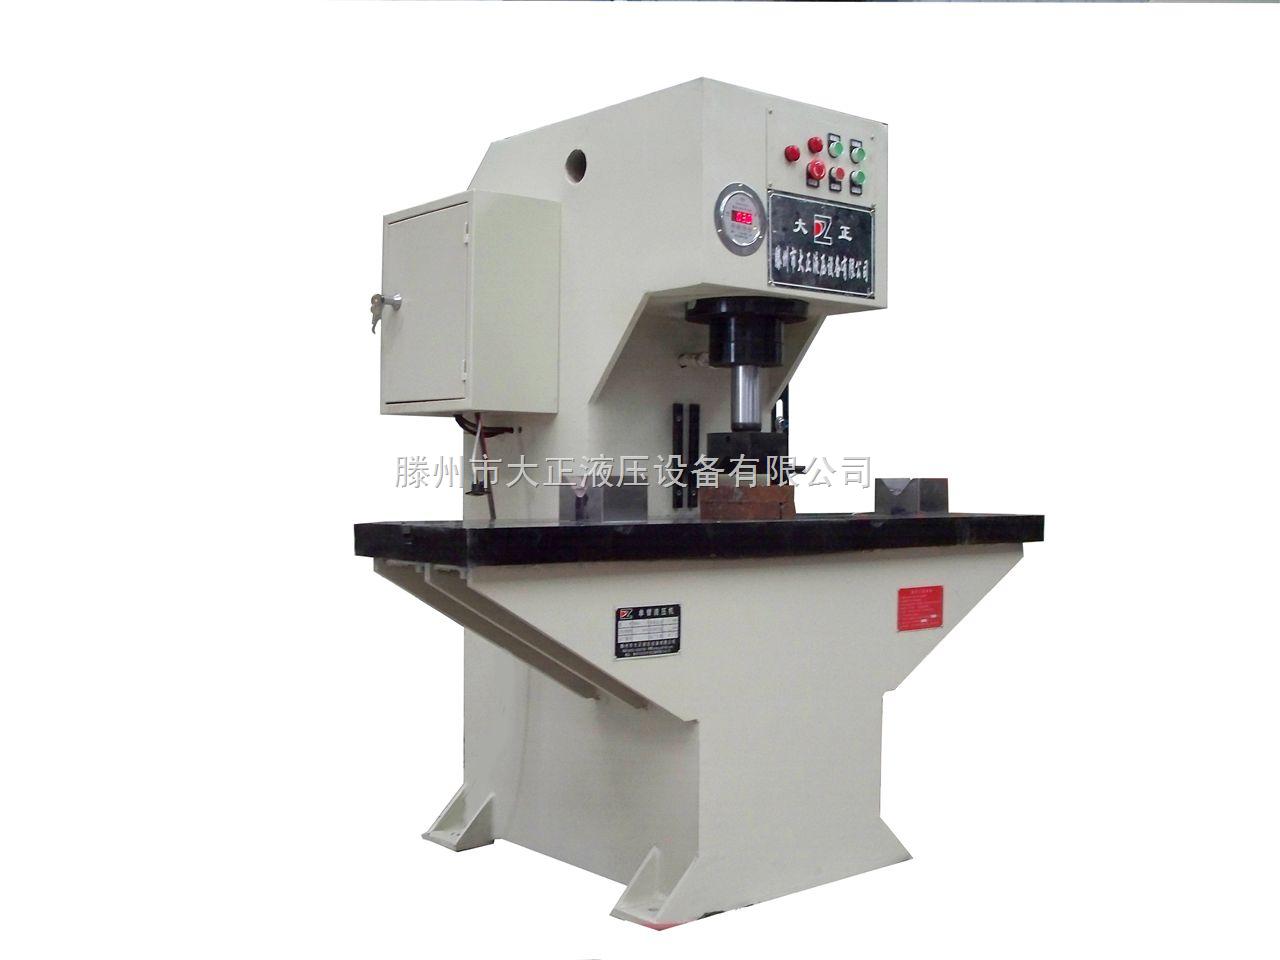 液压机械设备厂,滕州液压